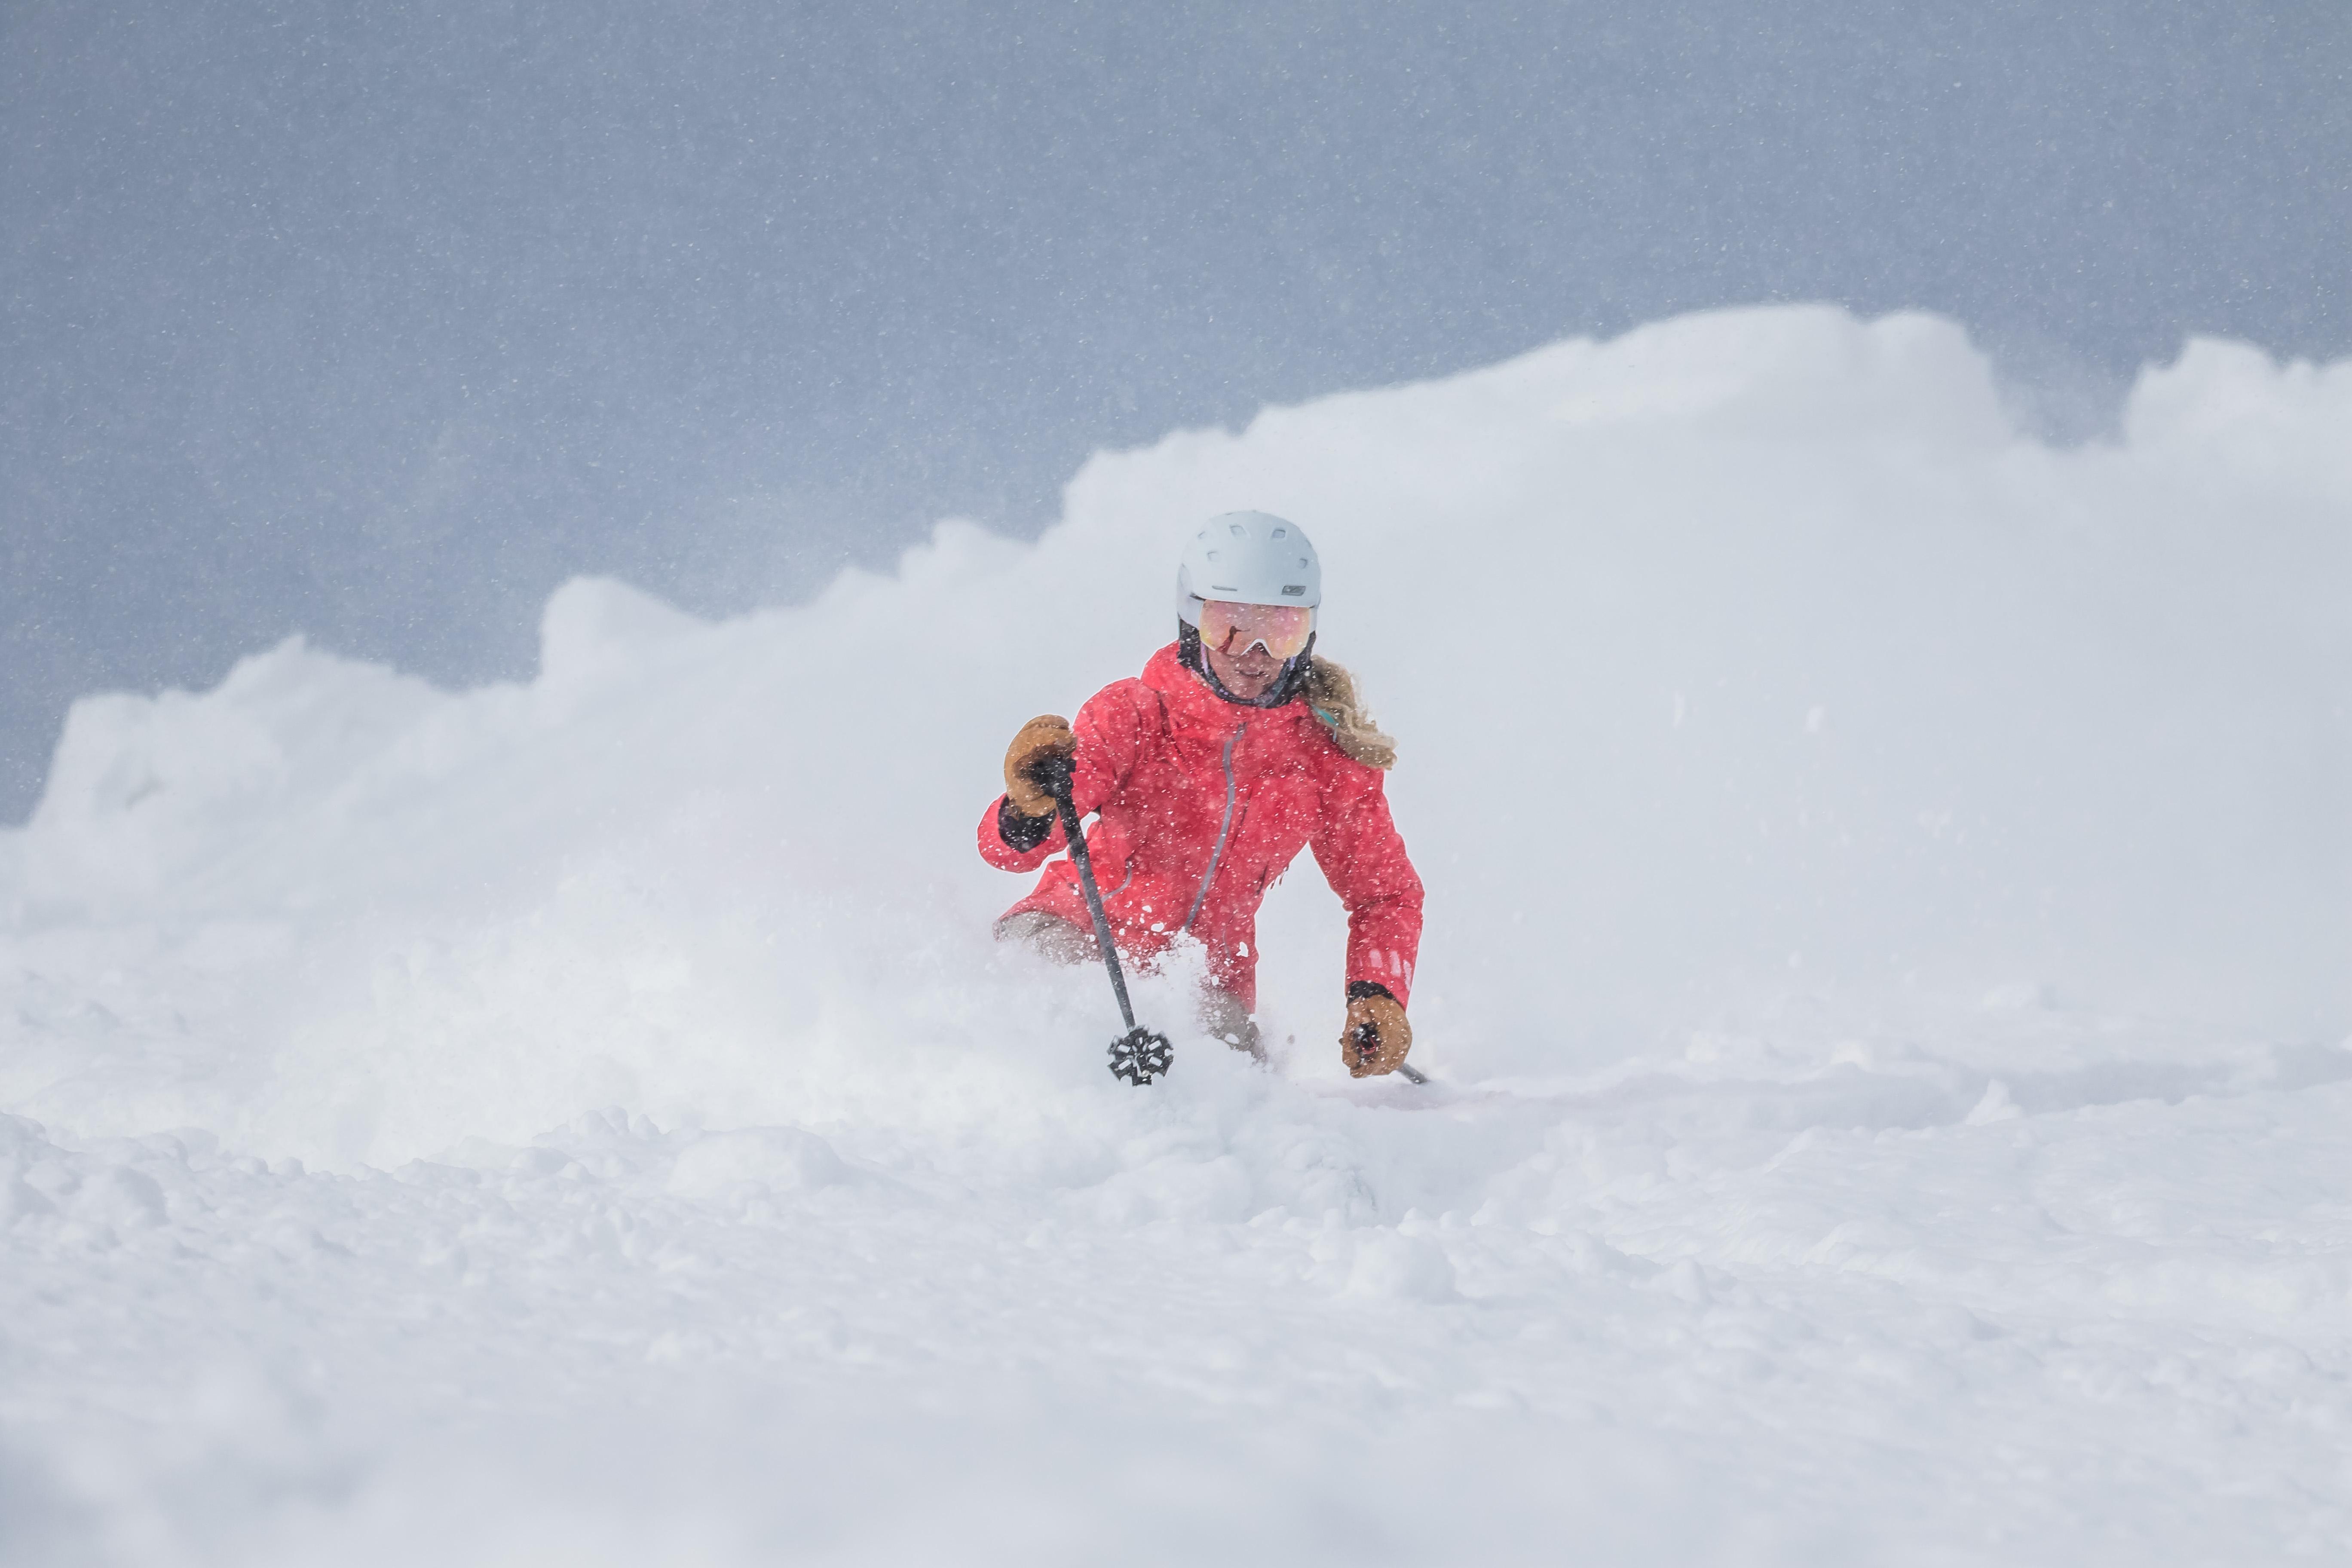 Chris Pearson for Ski Utah